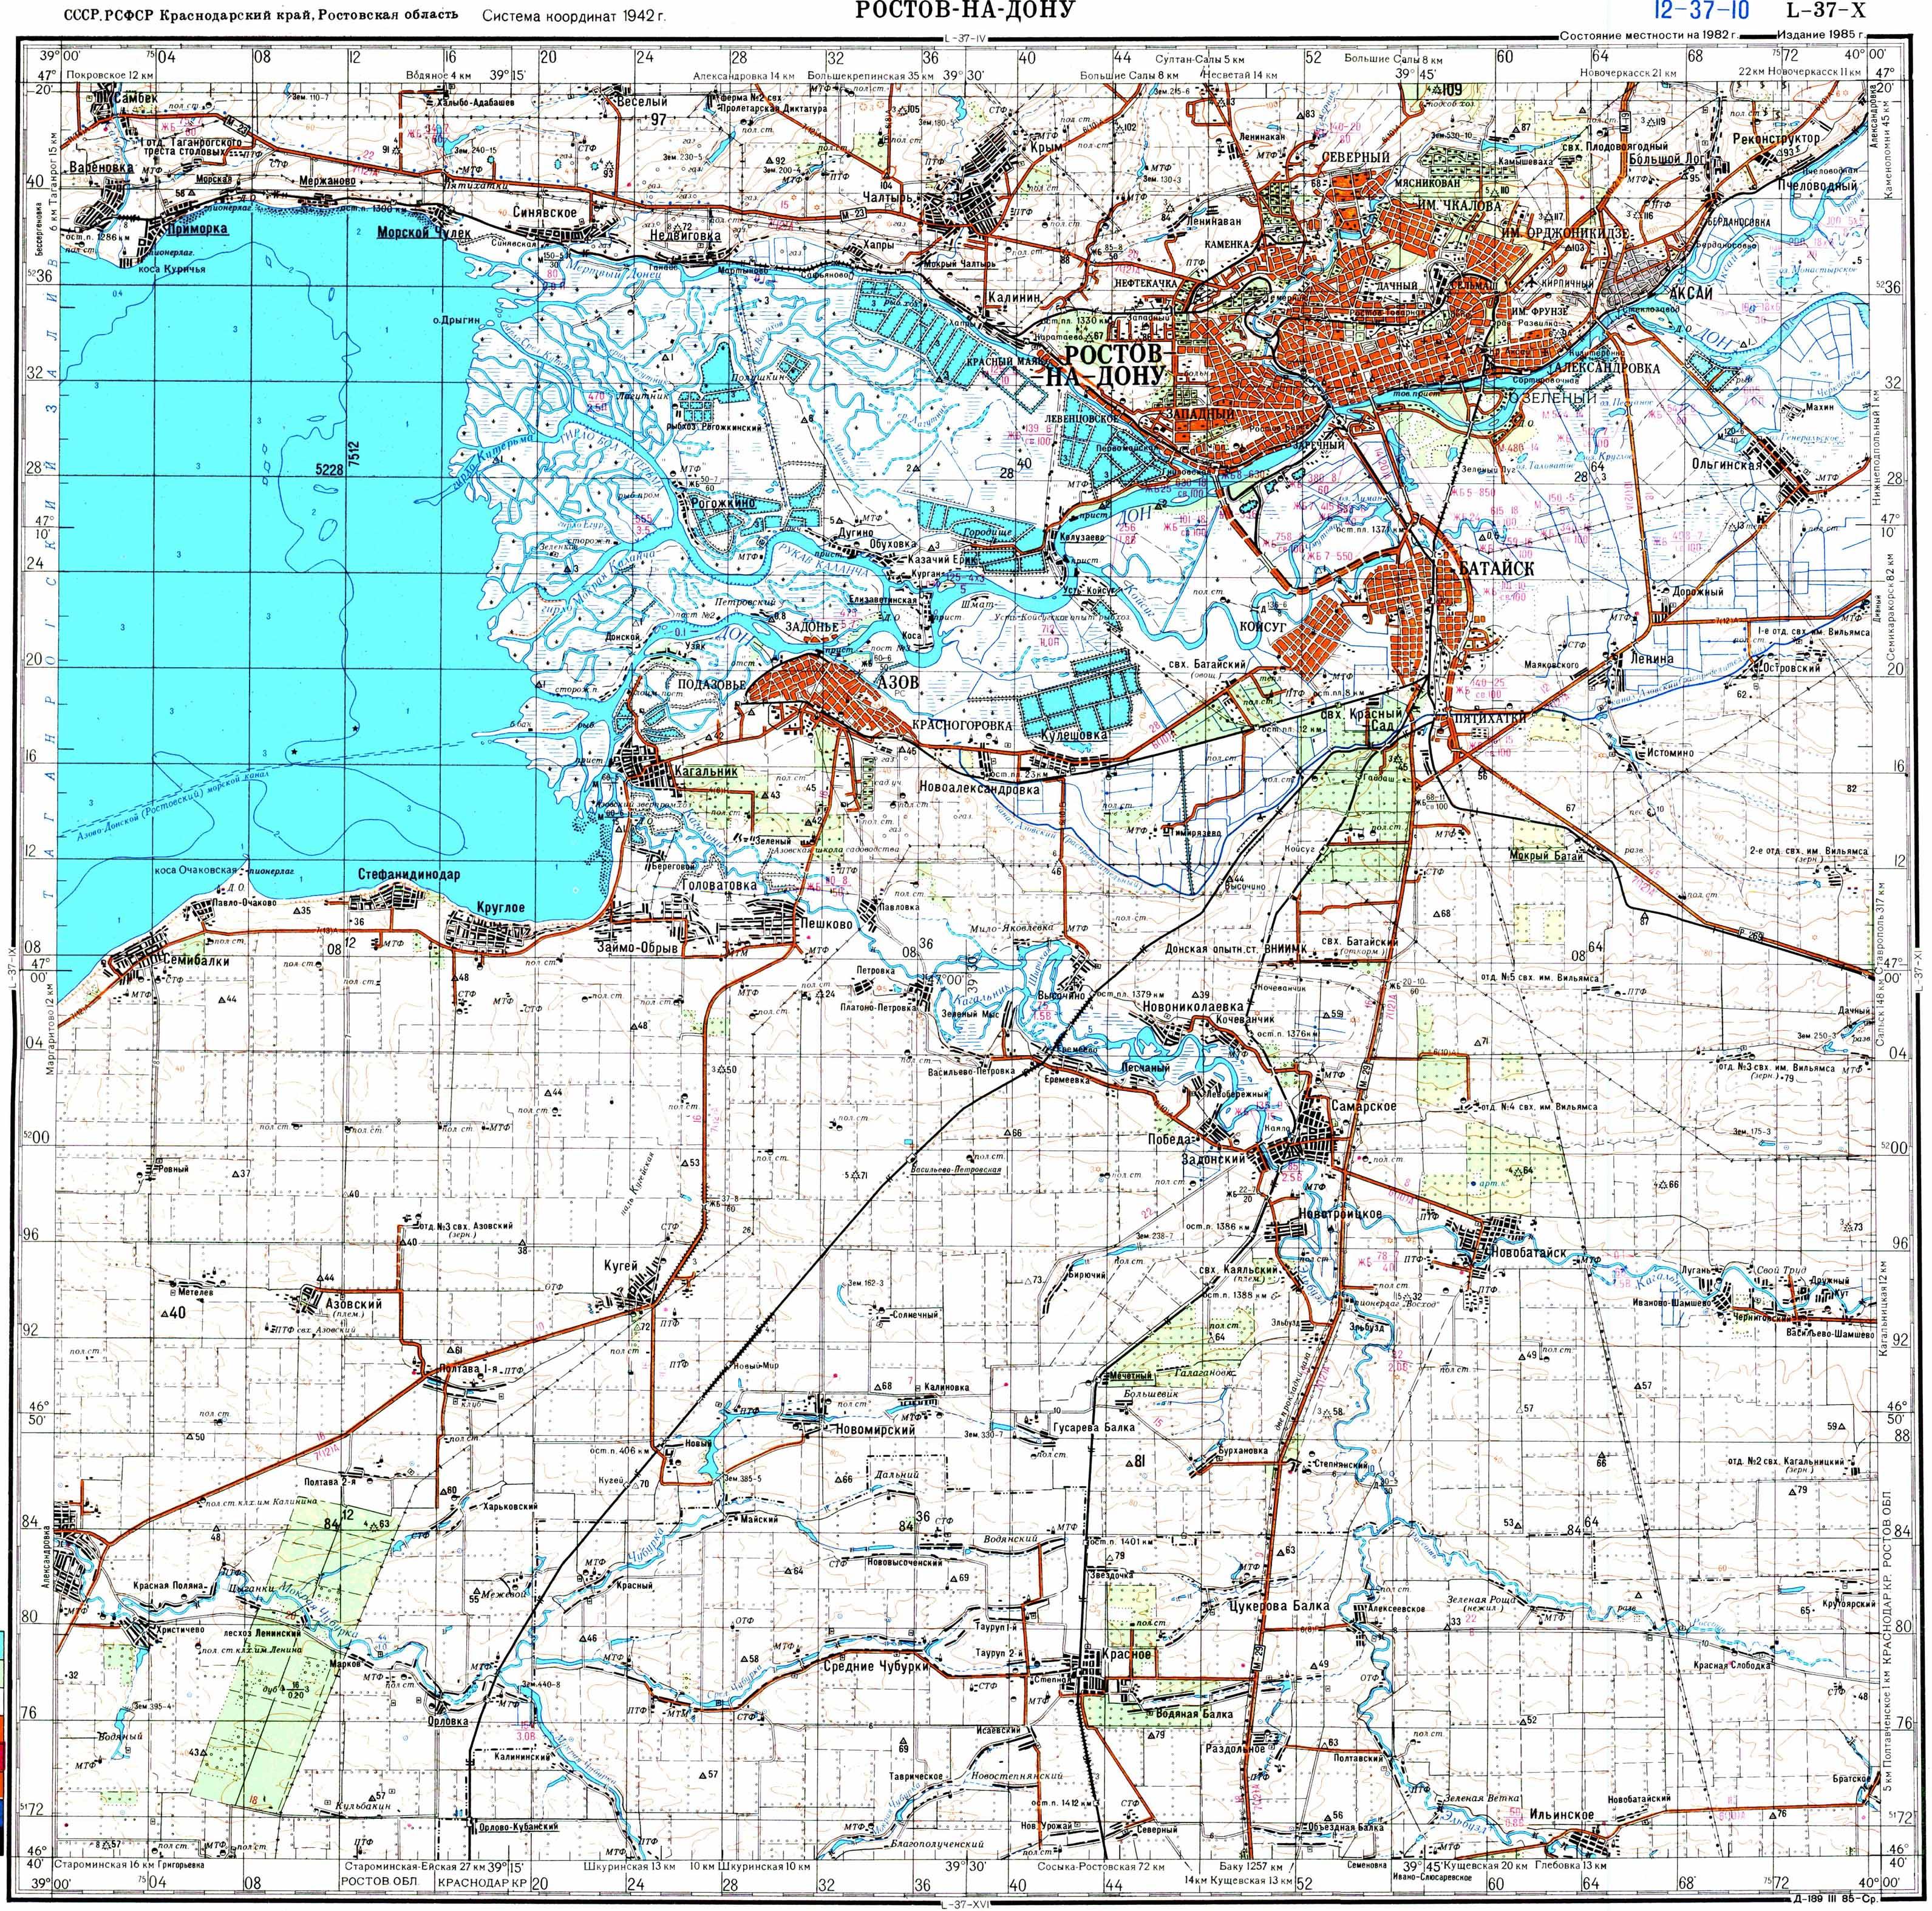 Топографическая карта Ростова-на-Дону и окрестностей.  3182 x 3148.